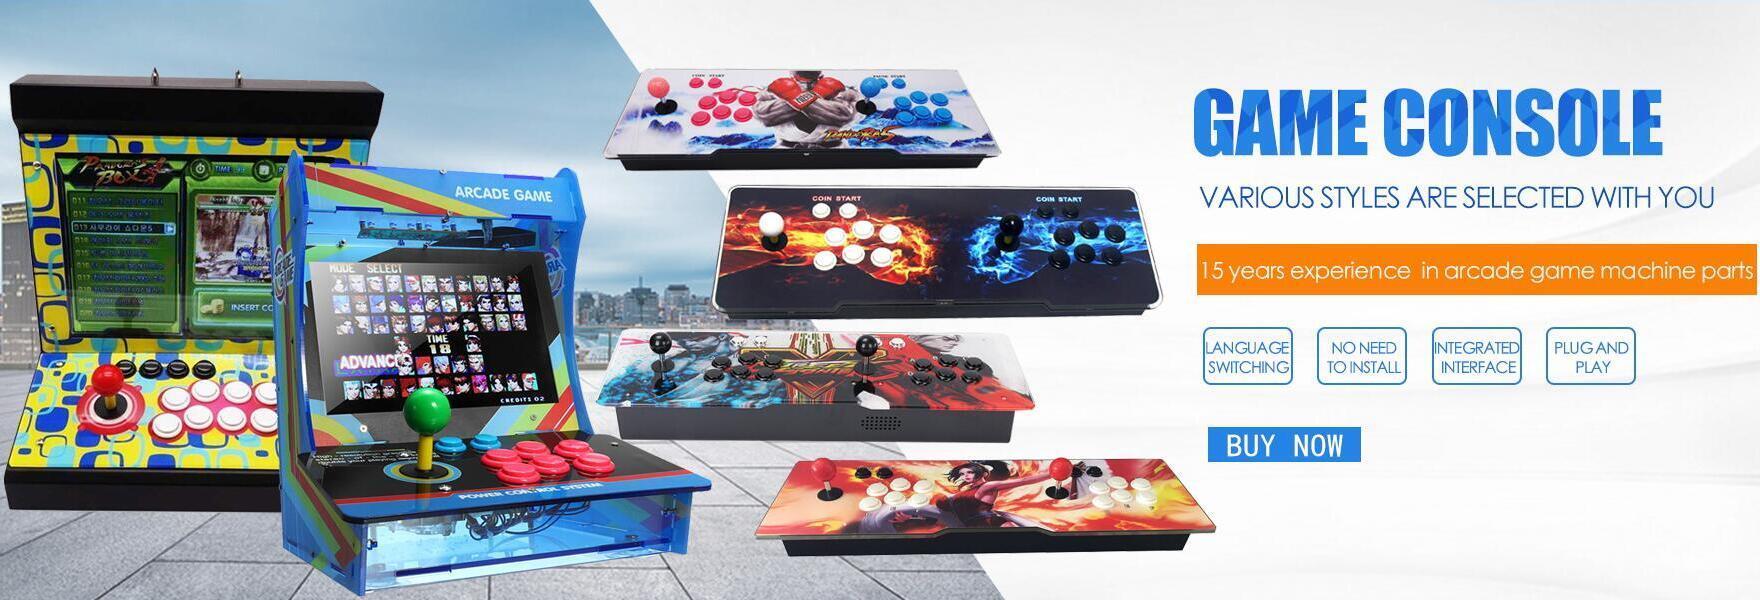 gaming gamepad pandora box arcade 6s BLEE company